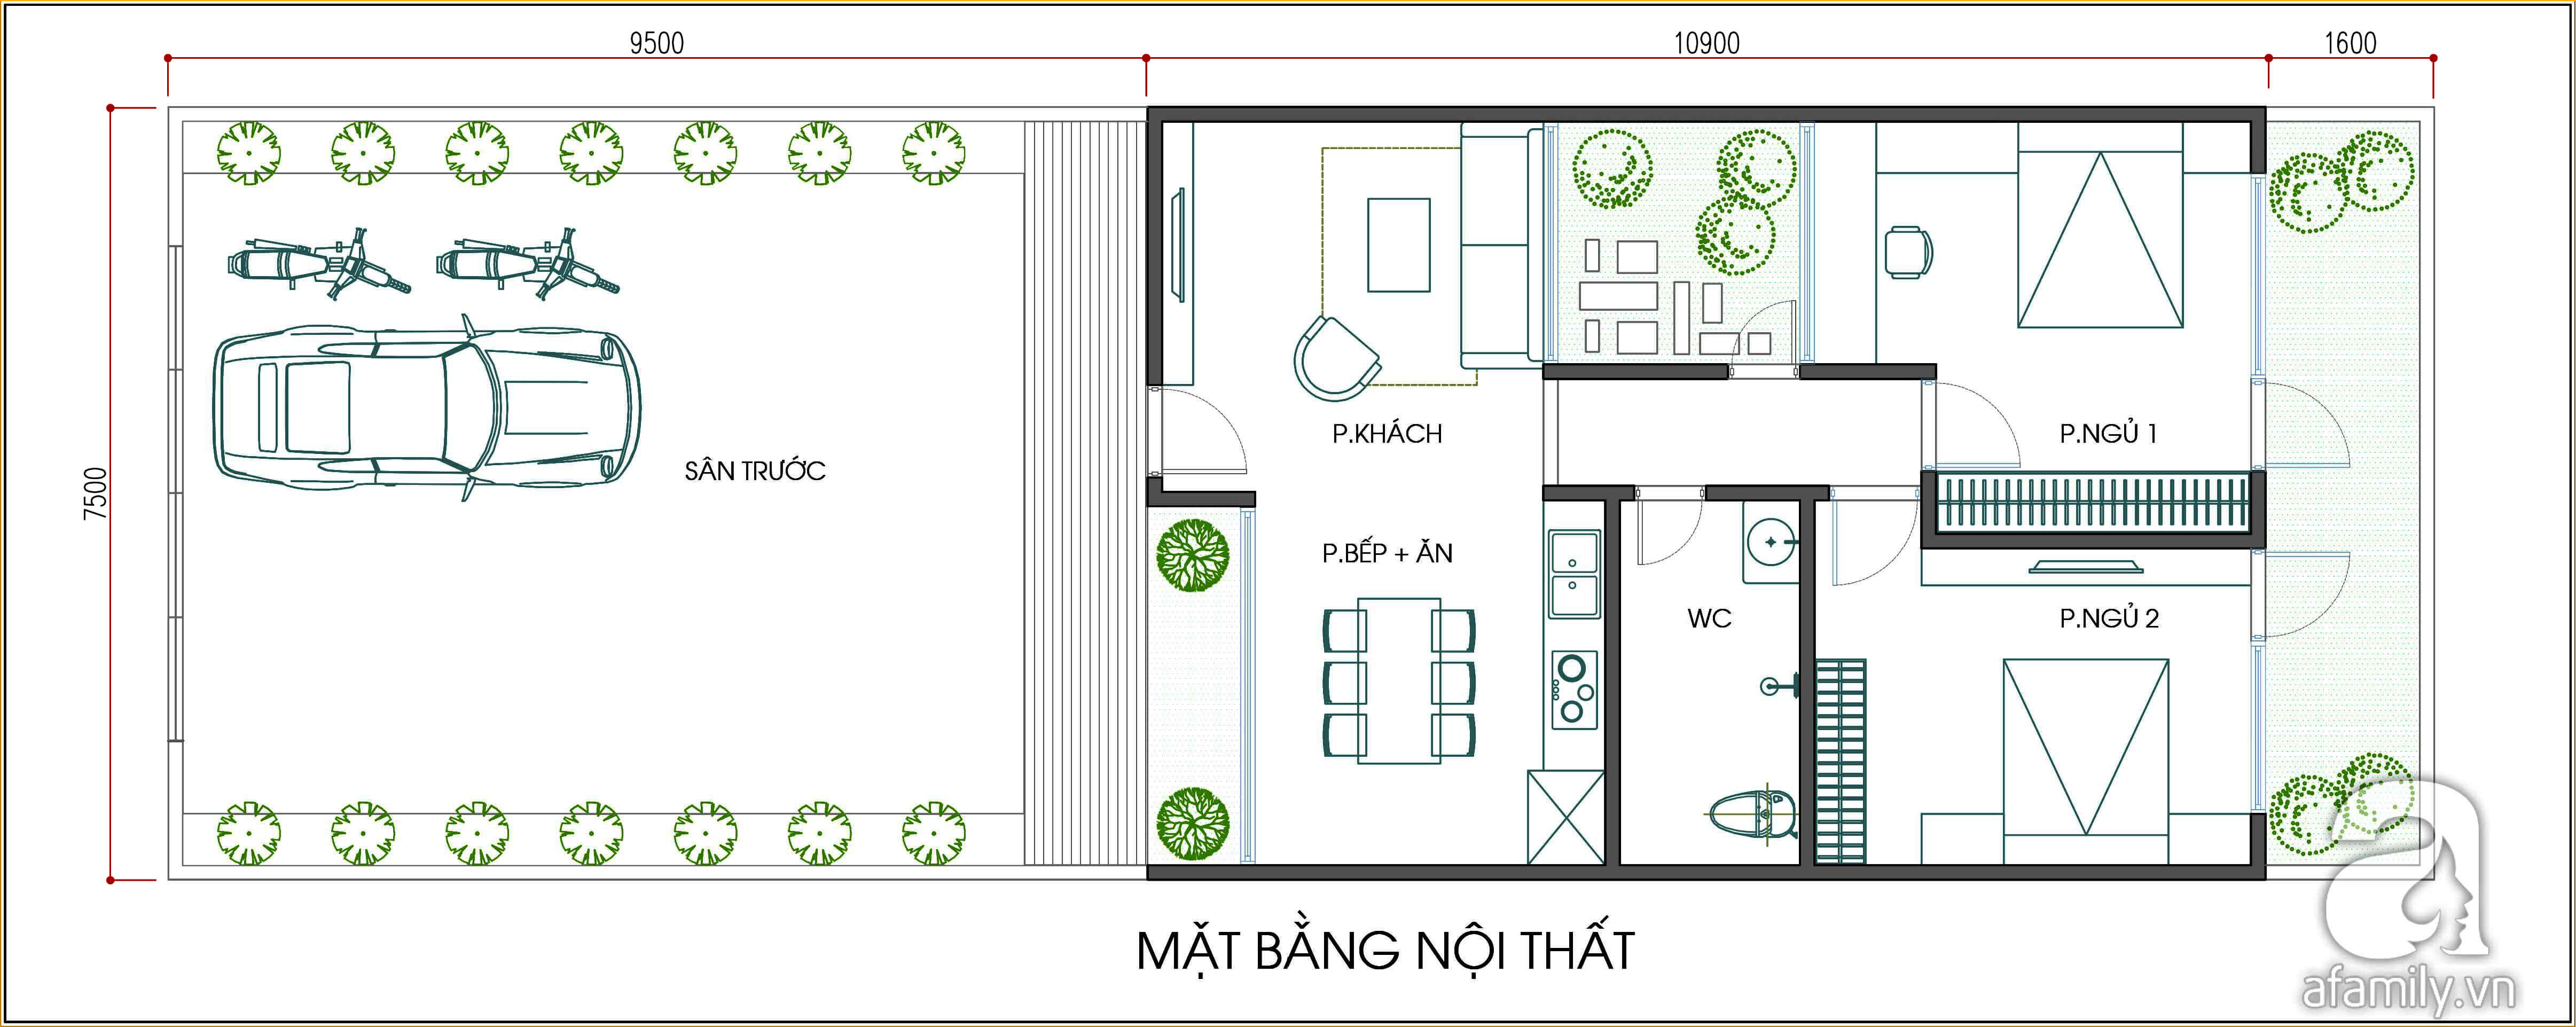 Mặt bằng thiết kế nhà cấp 4 và bố trí nội thất.